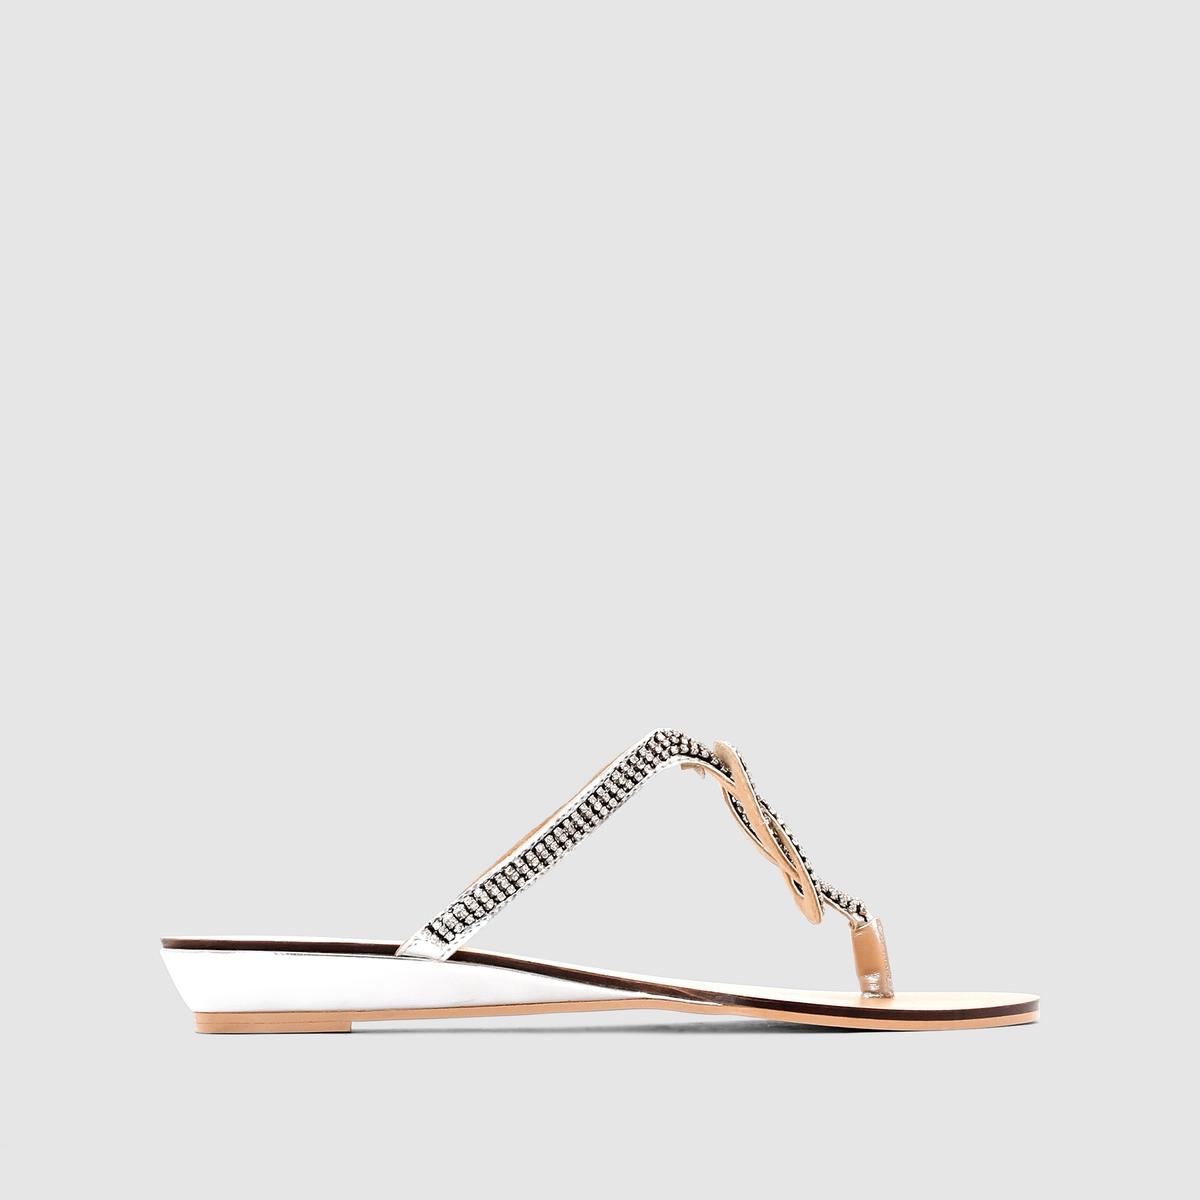 Шлепанцы с декором на перемычкеВысота каблука : 2,5 см.<br><br>Цвет: золотистый,серебристый<br>Размер: 40.38.40